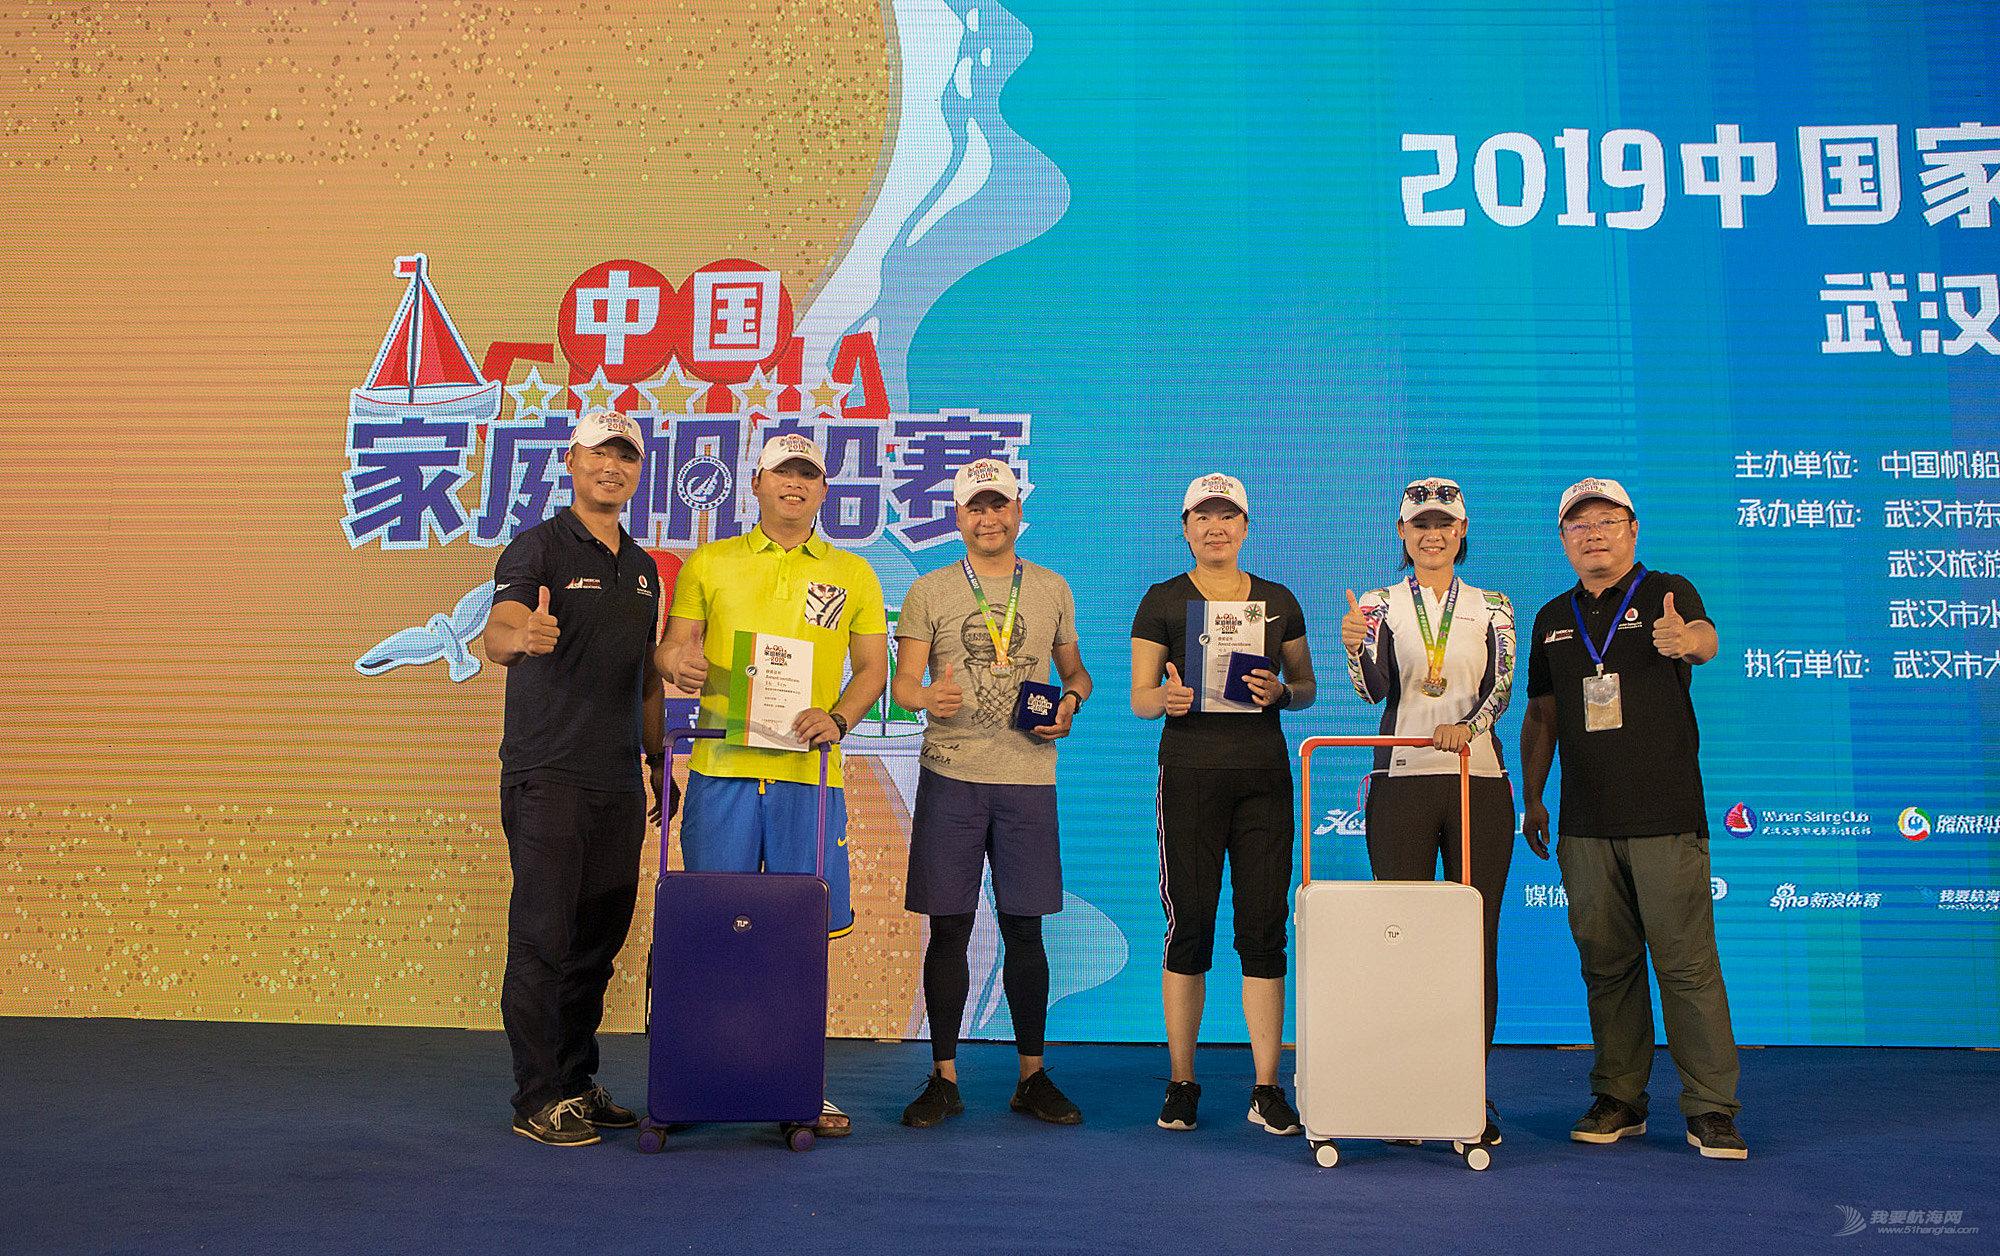 帆影重重映东湖 2019中国家庭帆船赛·武汉站在收官中续写新开始